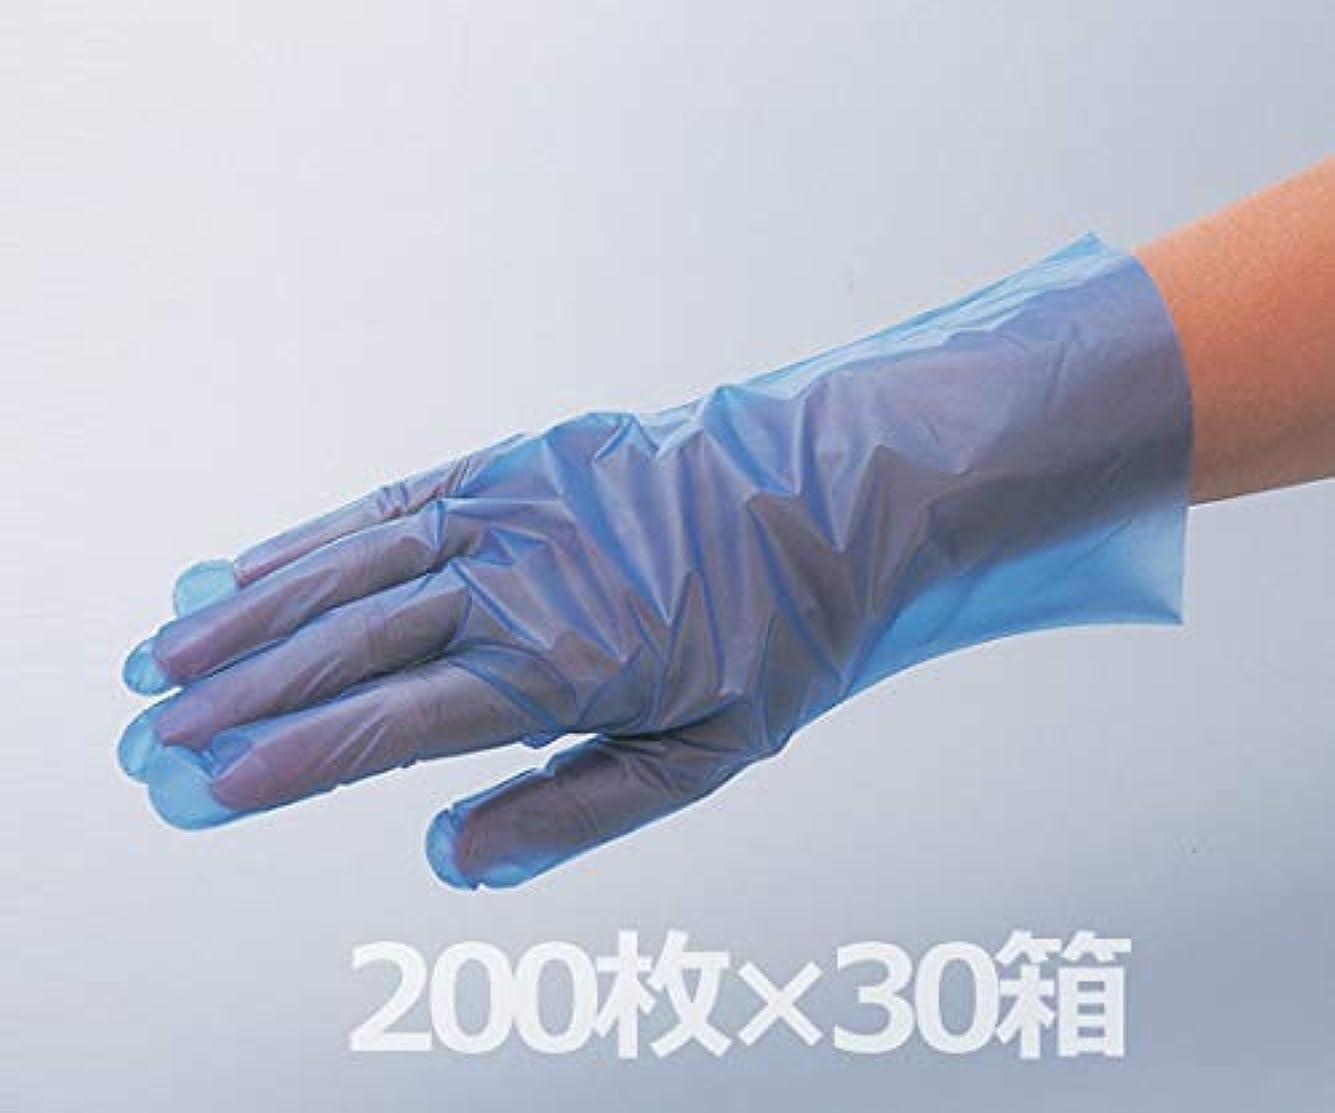 ぎこちない強盗逸脱アズワン6-9730-55サニーノール手袋エコロジーケース販売6000枚入Mブルー